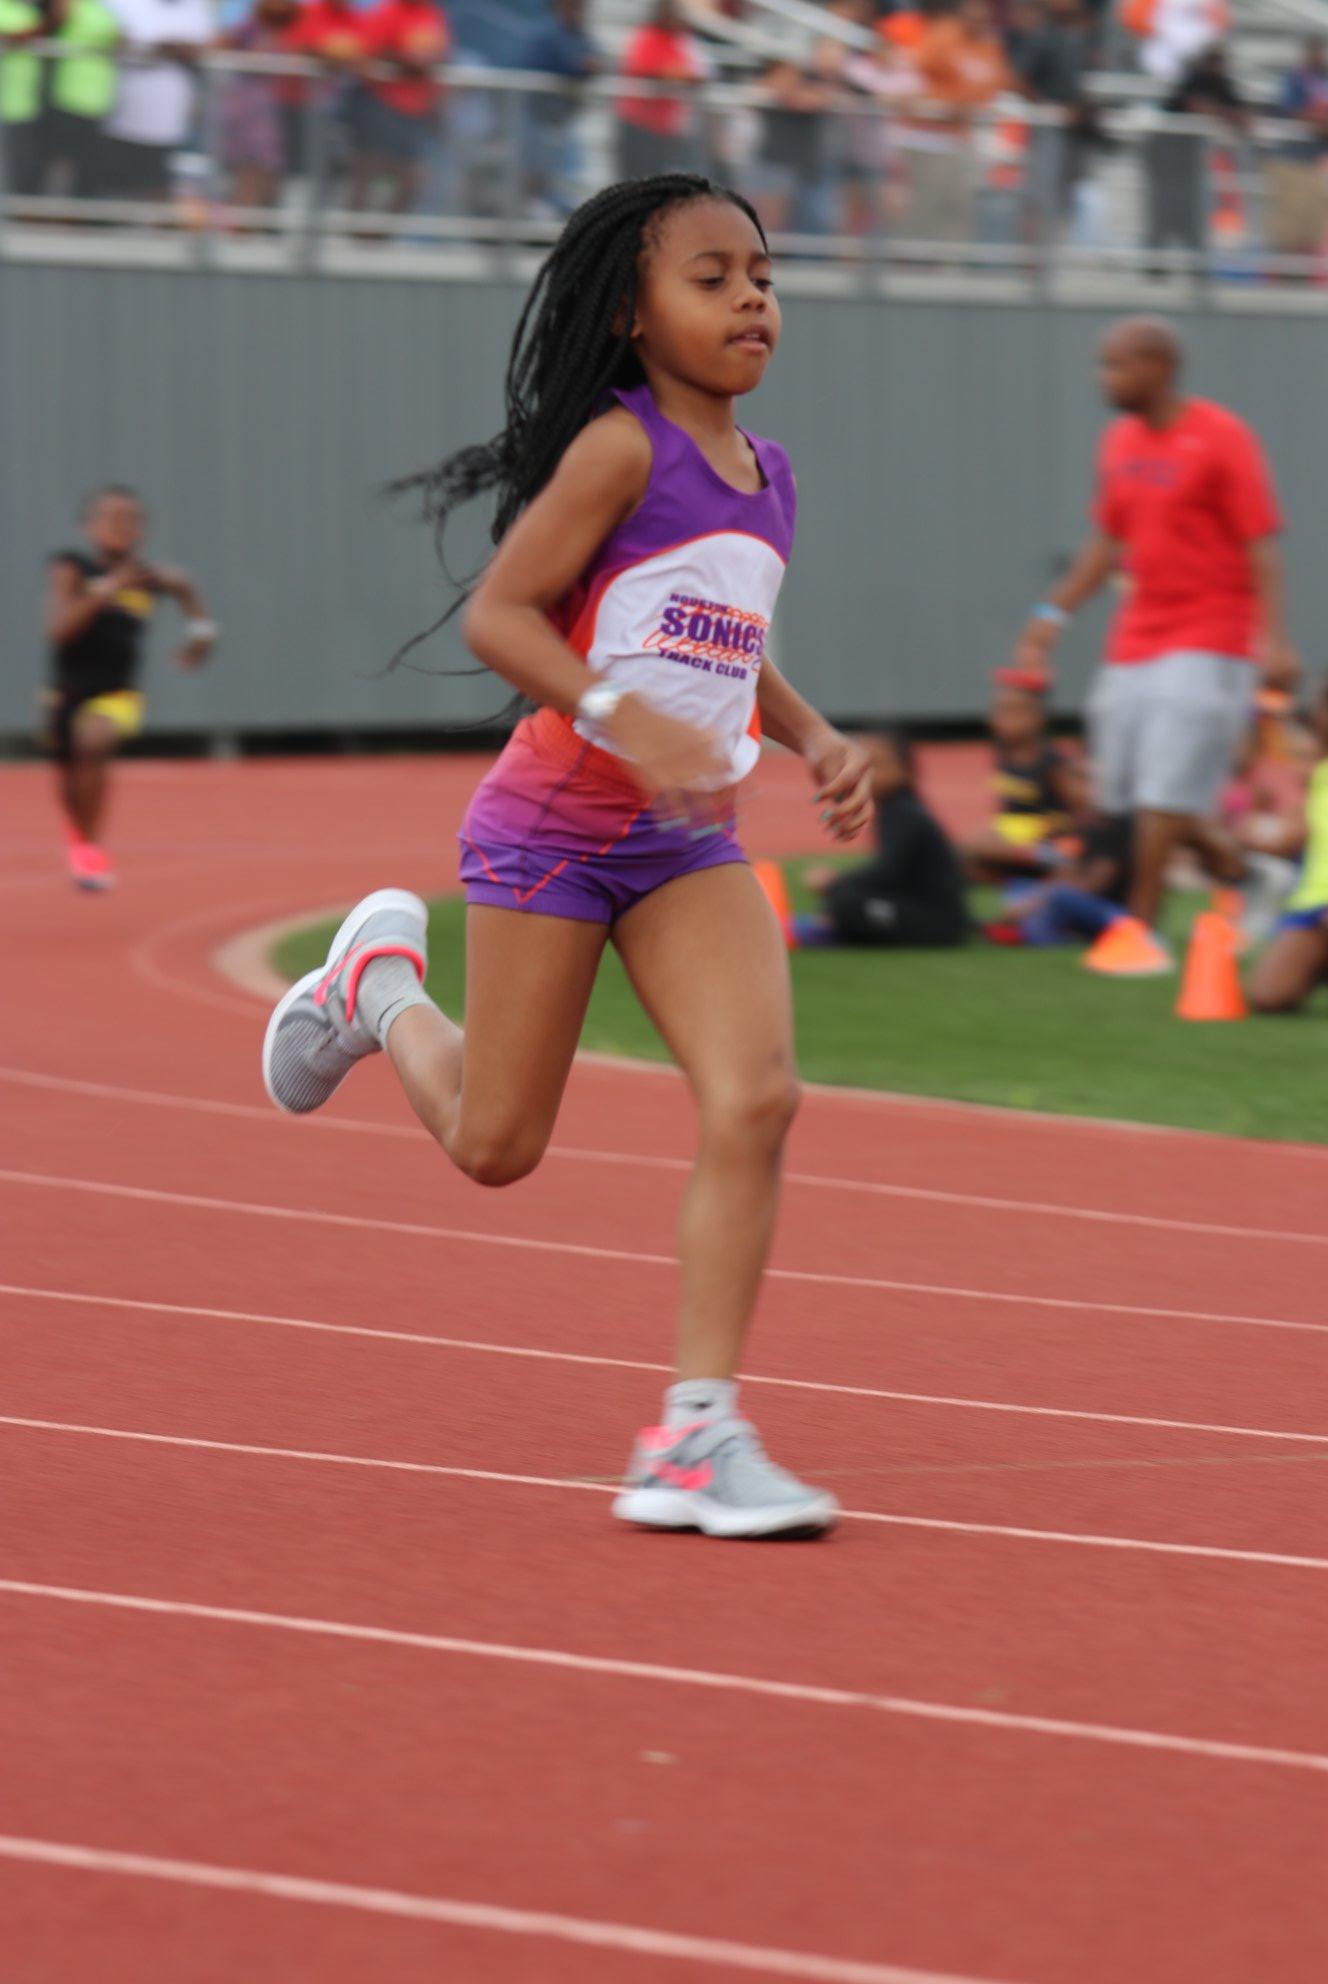 Cassondra running the 400